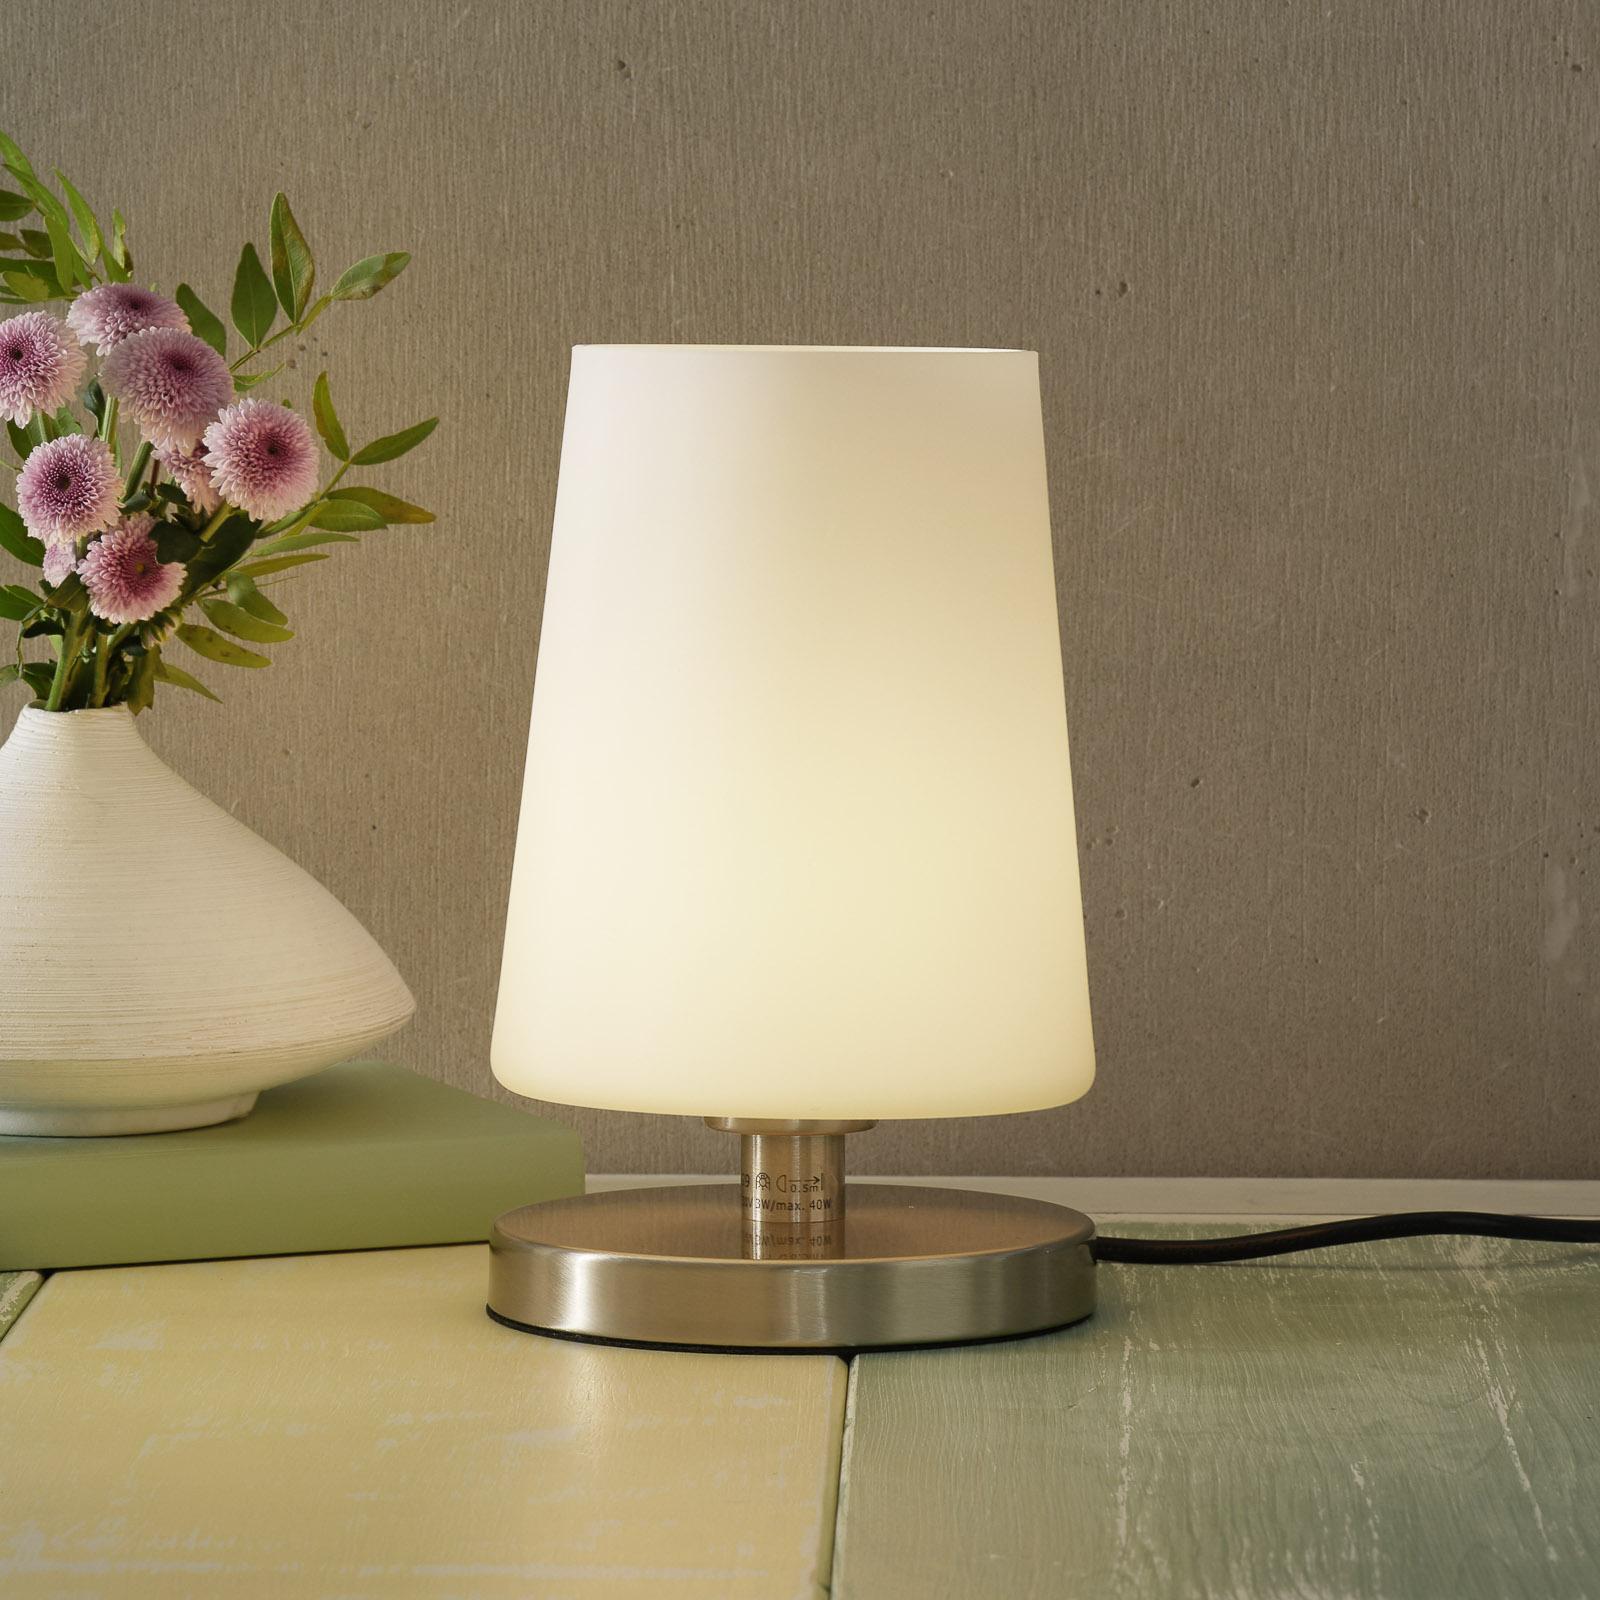 Acquista Lampada da comodino a LED Sonja con touchdimmer